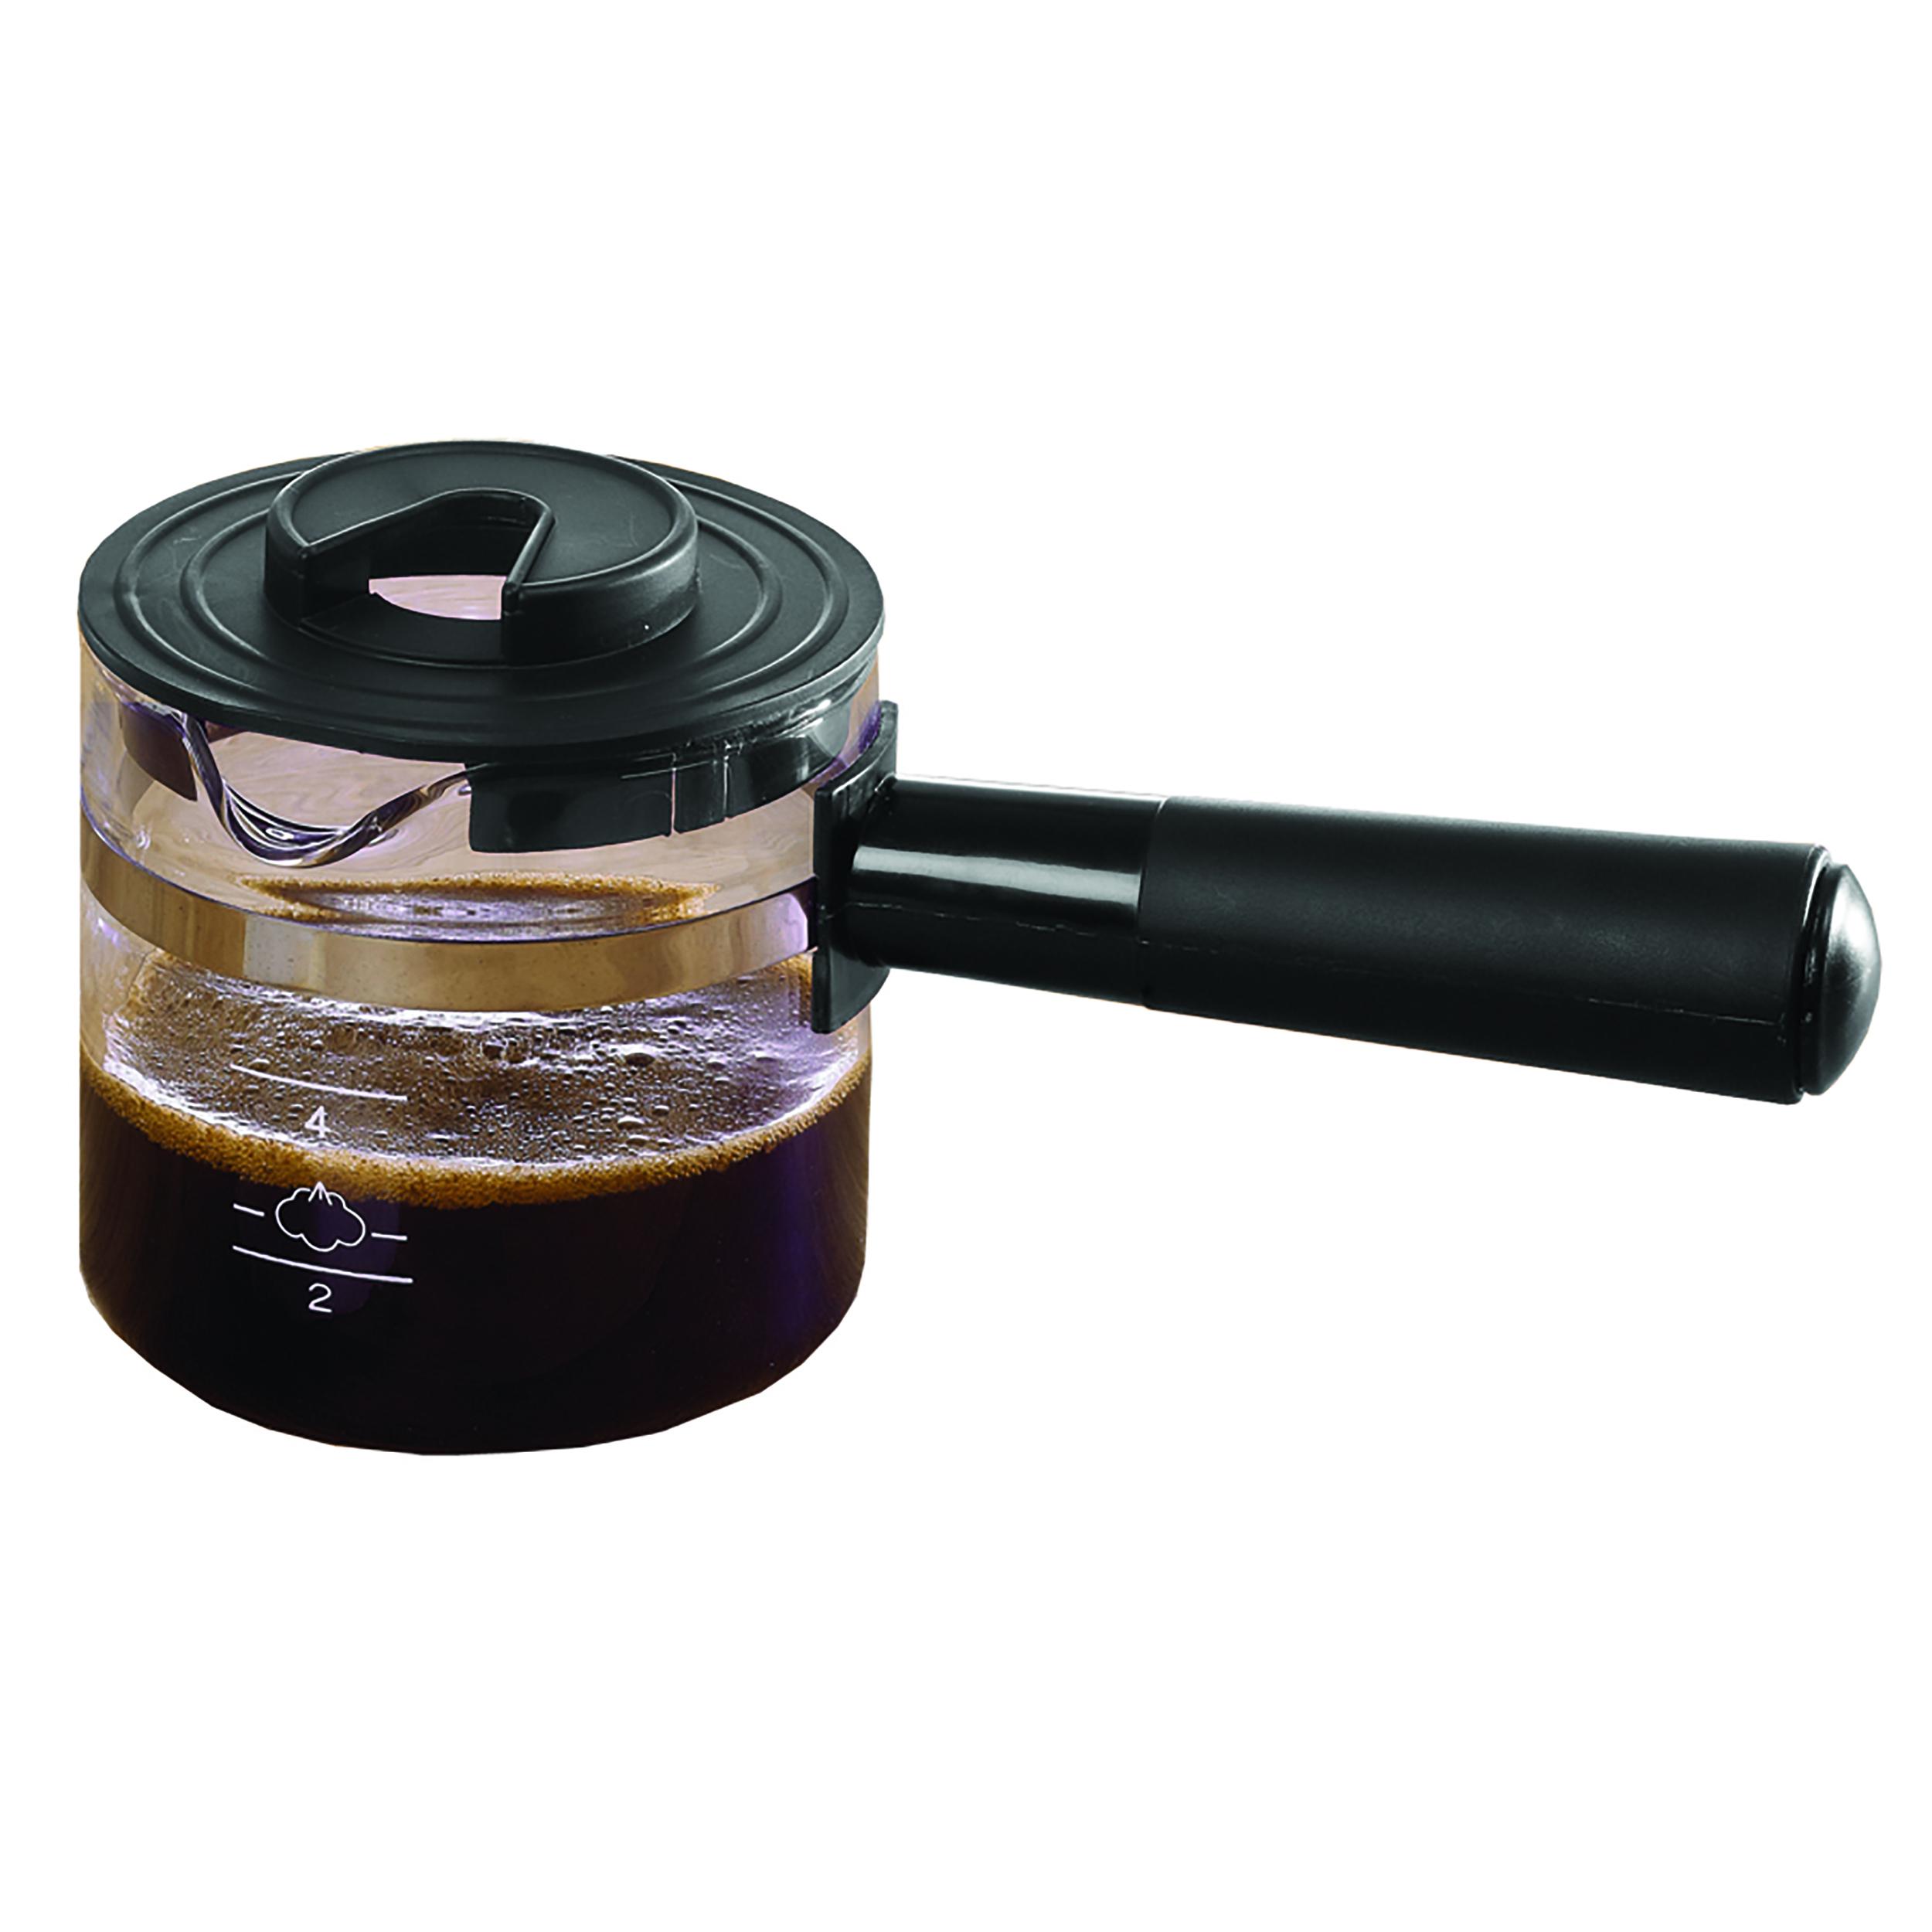 IMUSA Espresso Maker Carafe in Gift Box